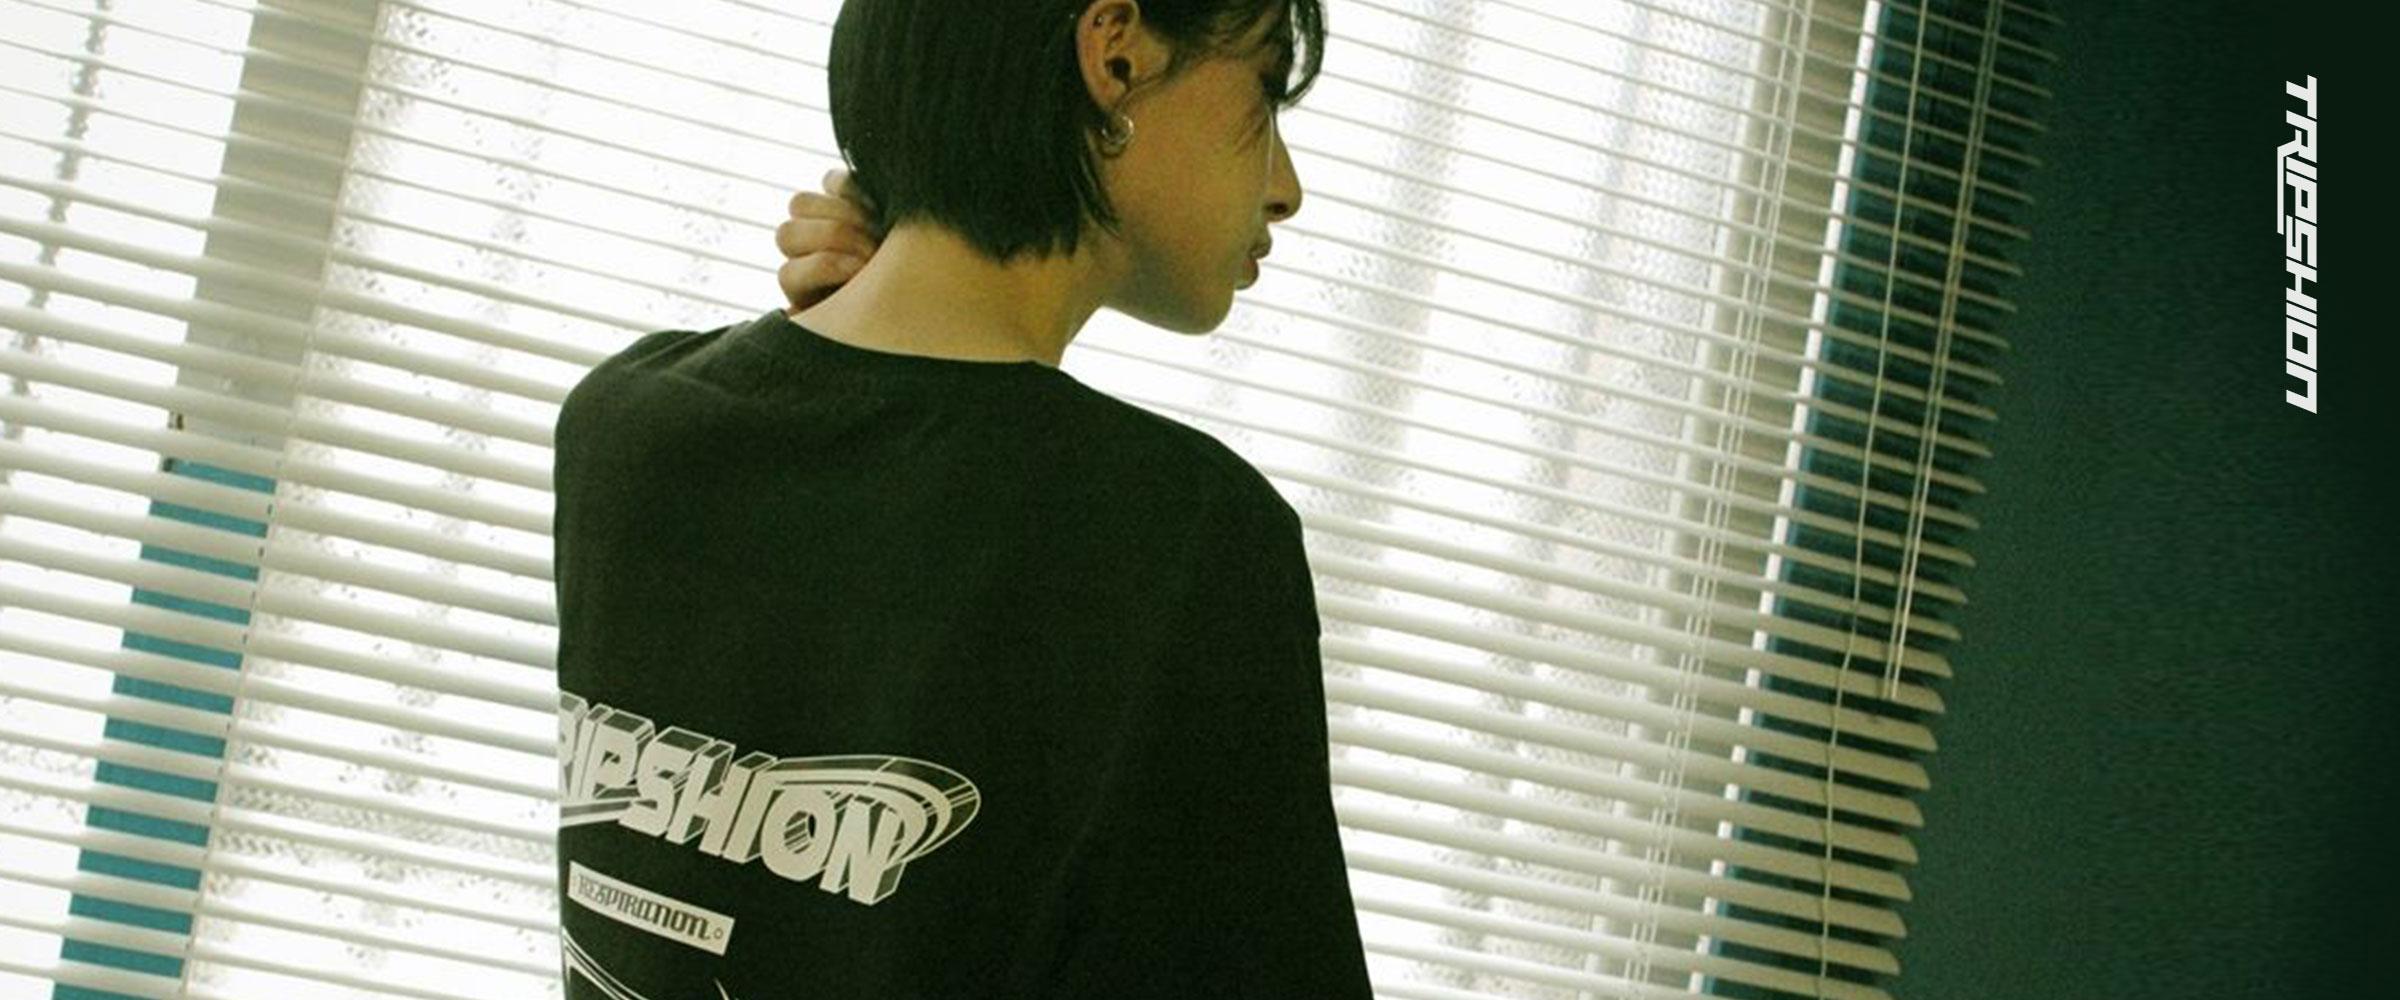 tripshion.jpg